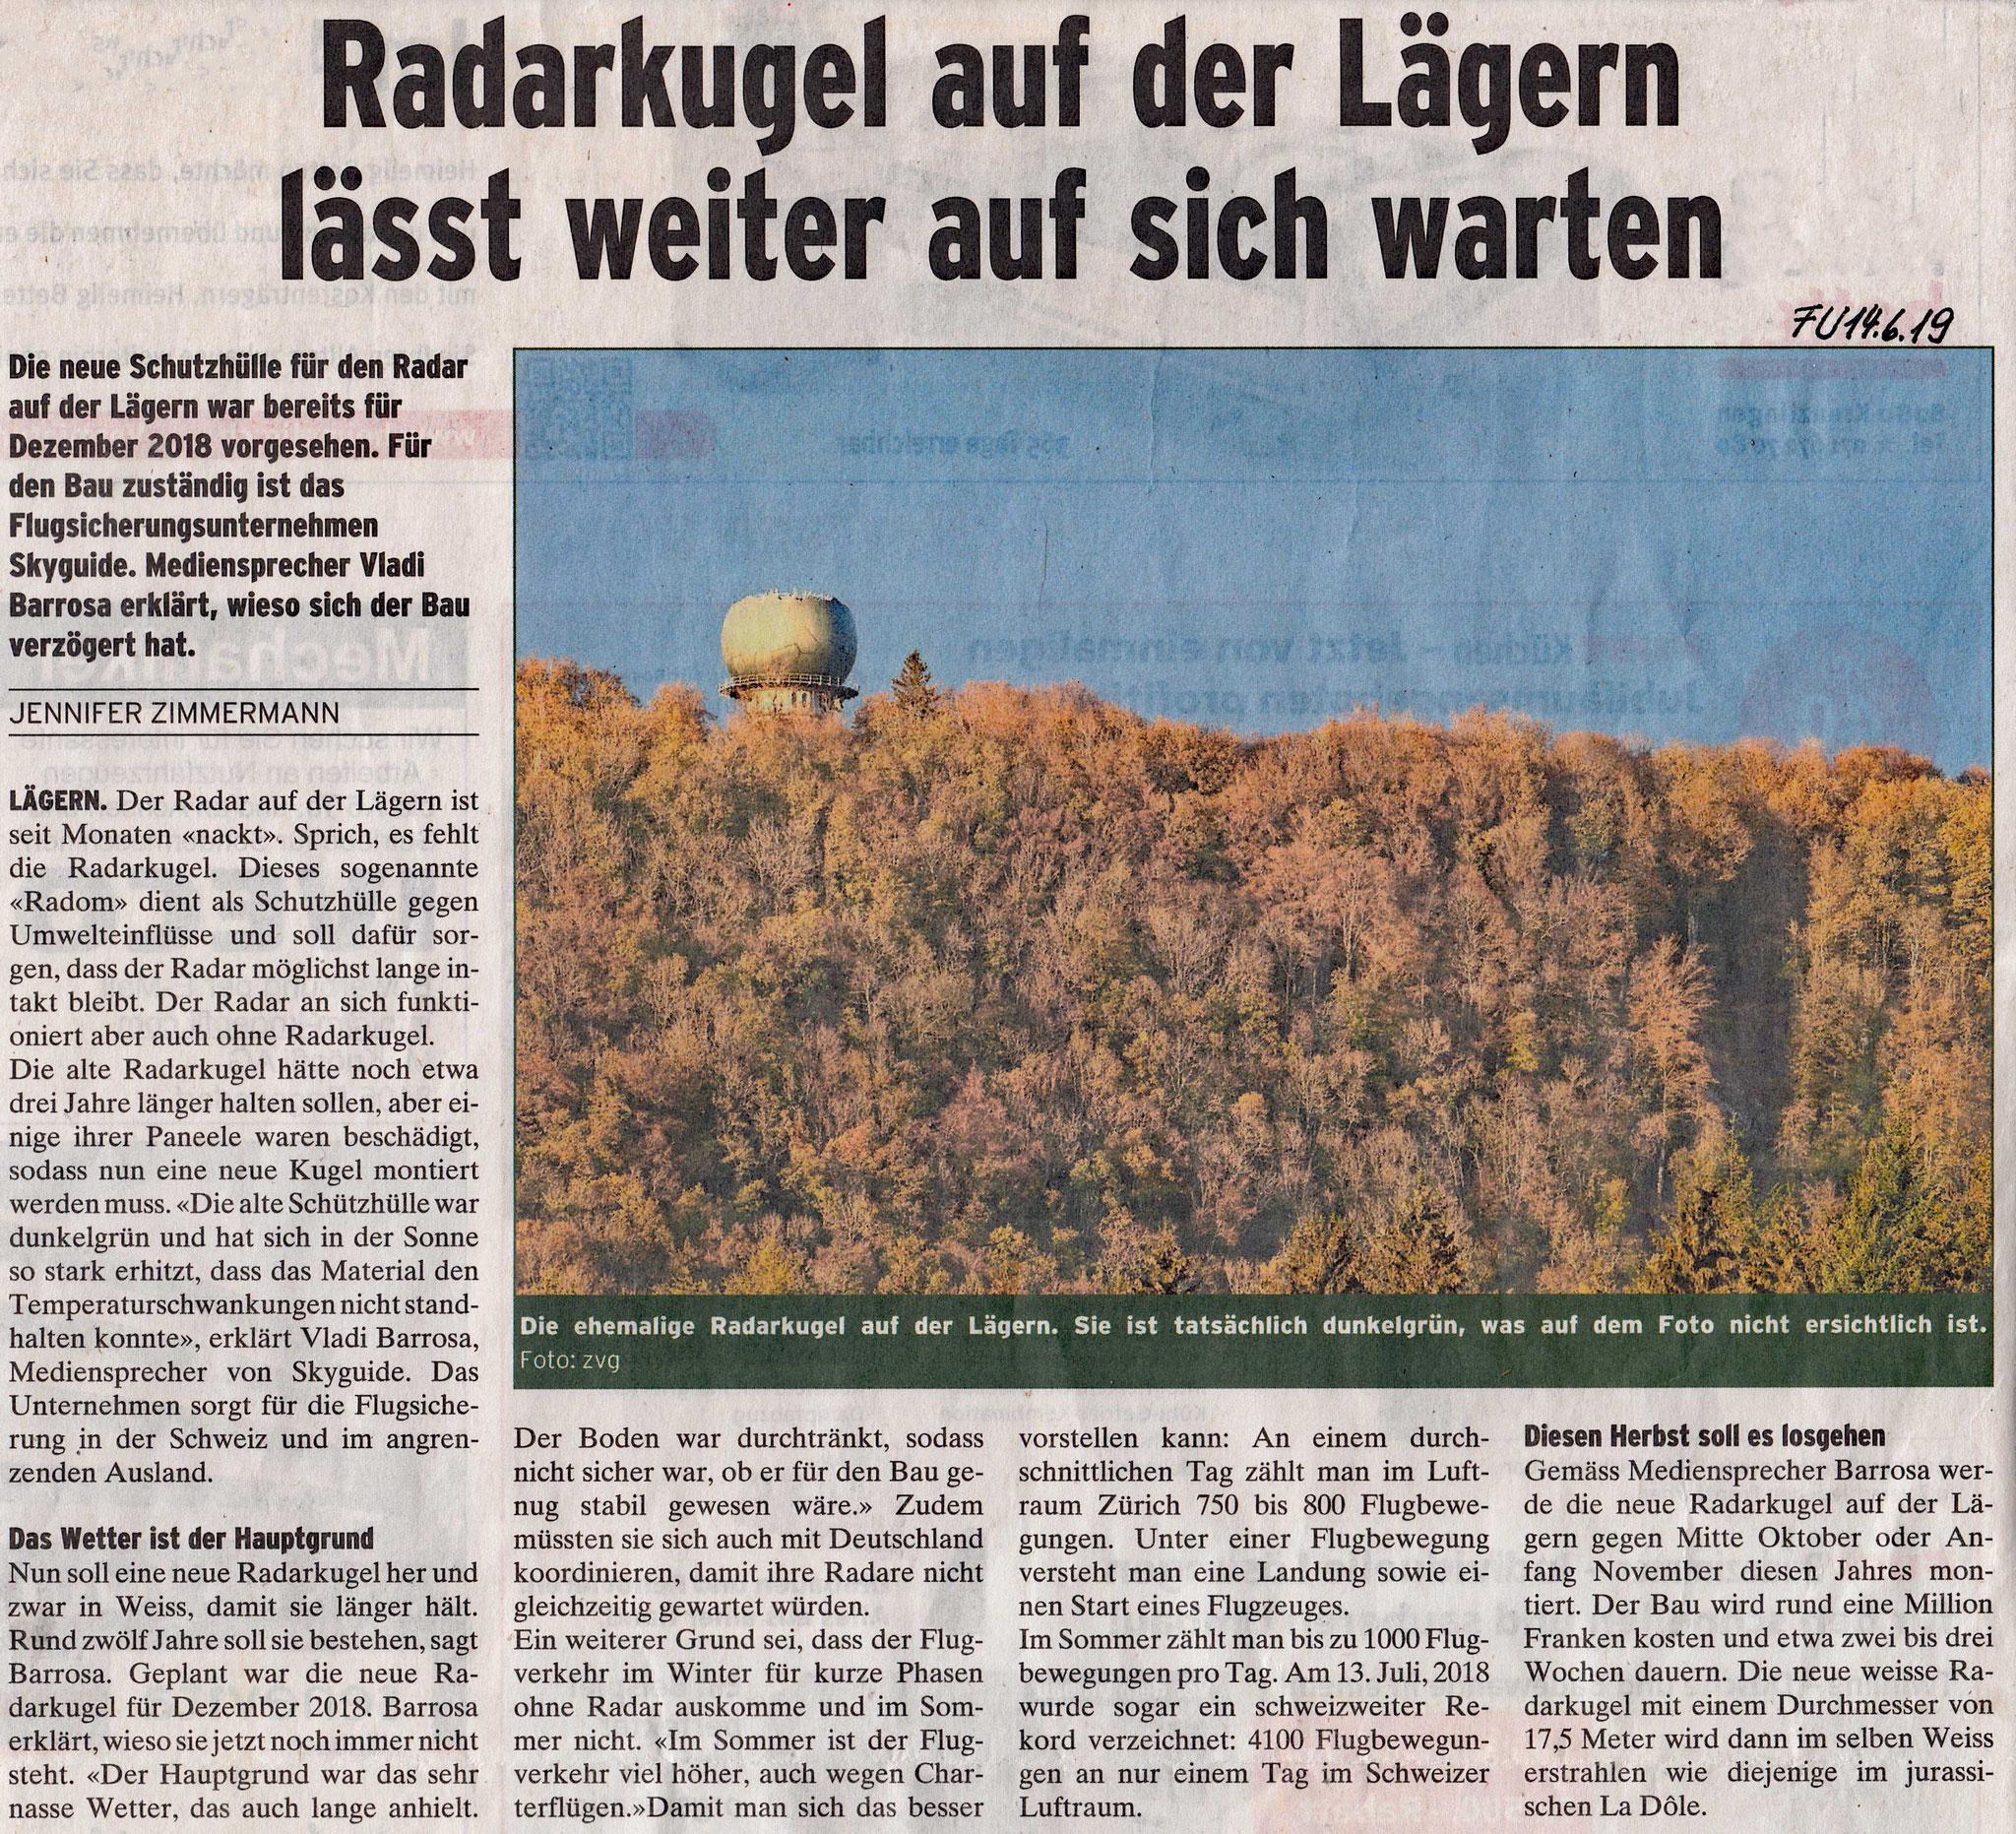 AKTUELL im Furttaler 14.6.2019::Das Warten geht weiter...